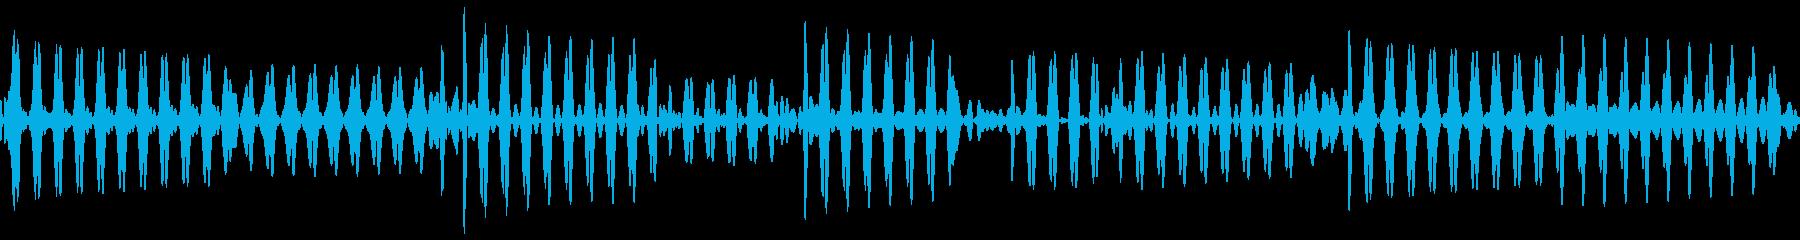 ベース指弾き 4/4 140(ソ)1の再生済みの波形